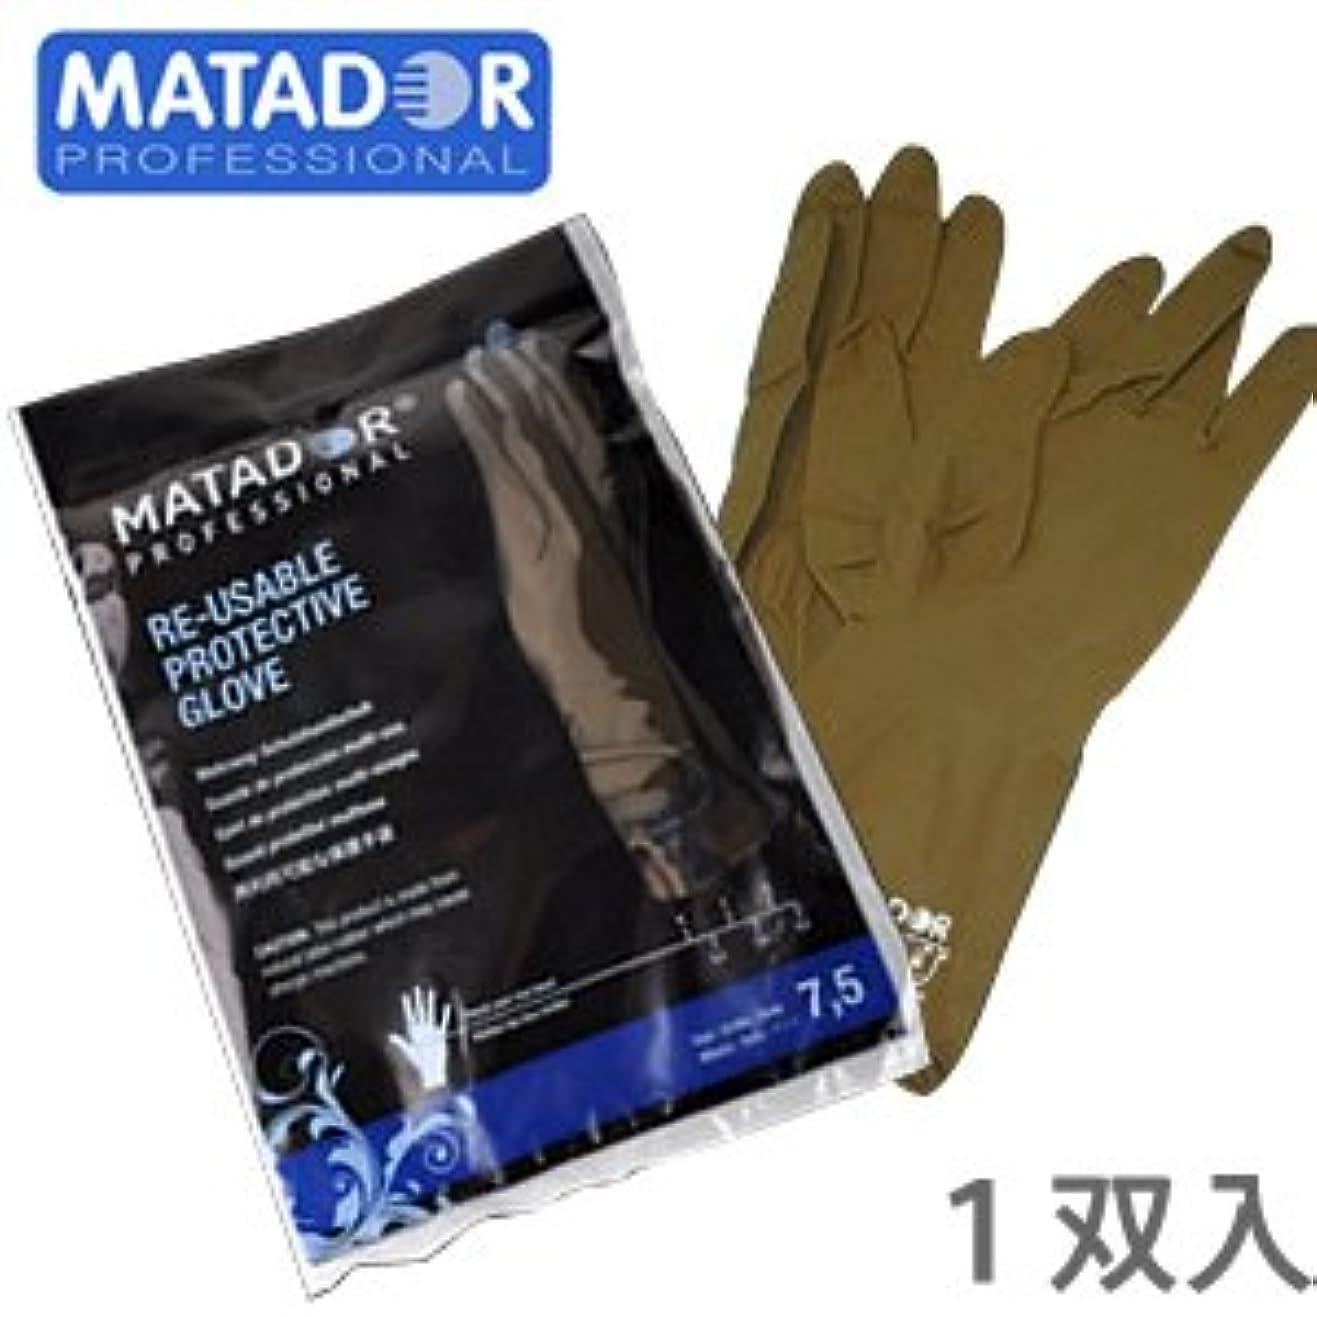 真向こう受け継ぐ下線マタドールゴム手袋 7.5吋 【5個セット】